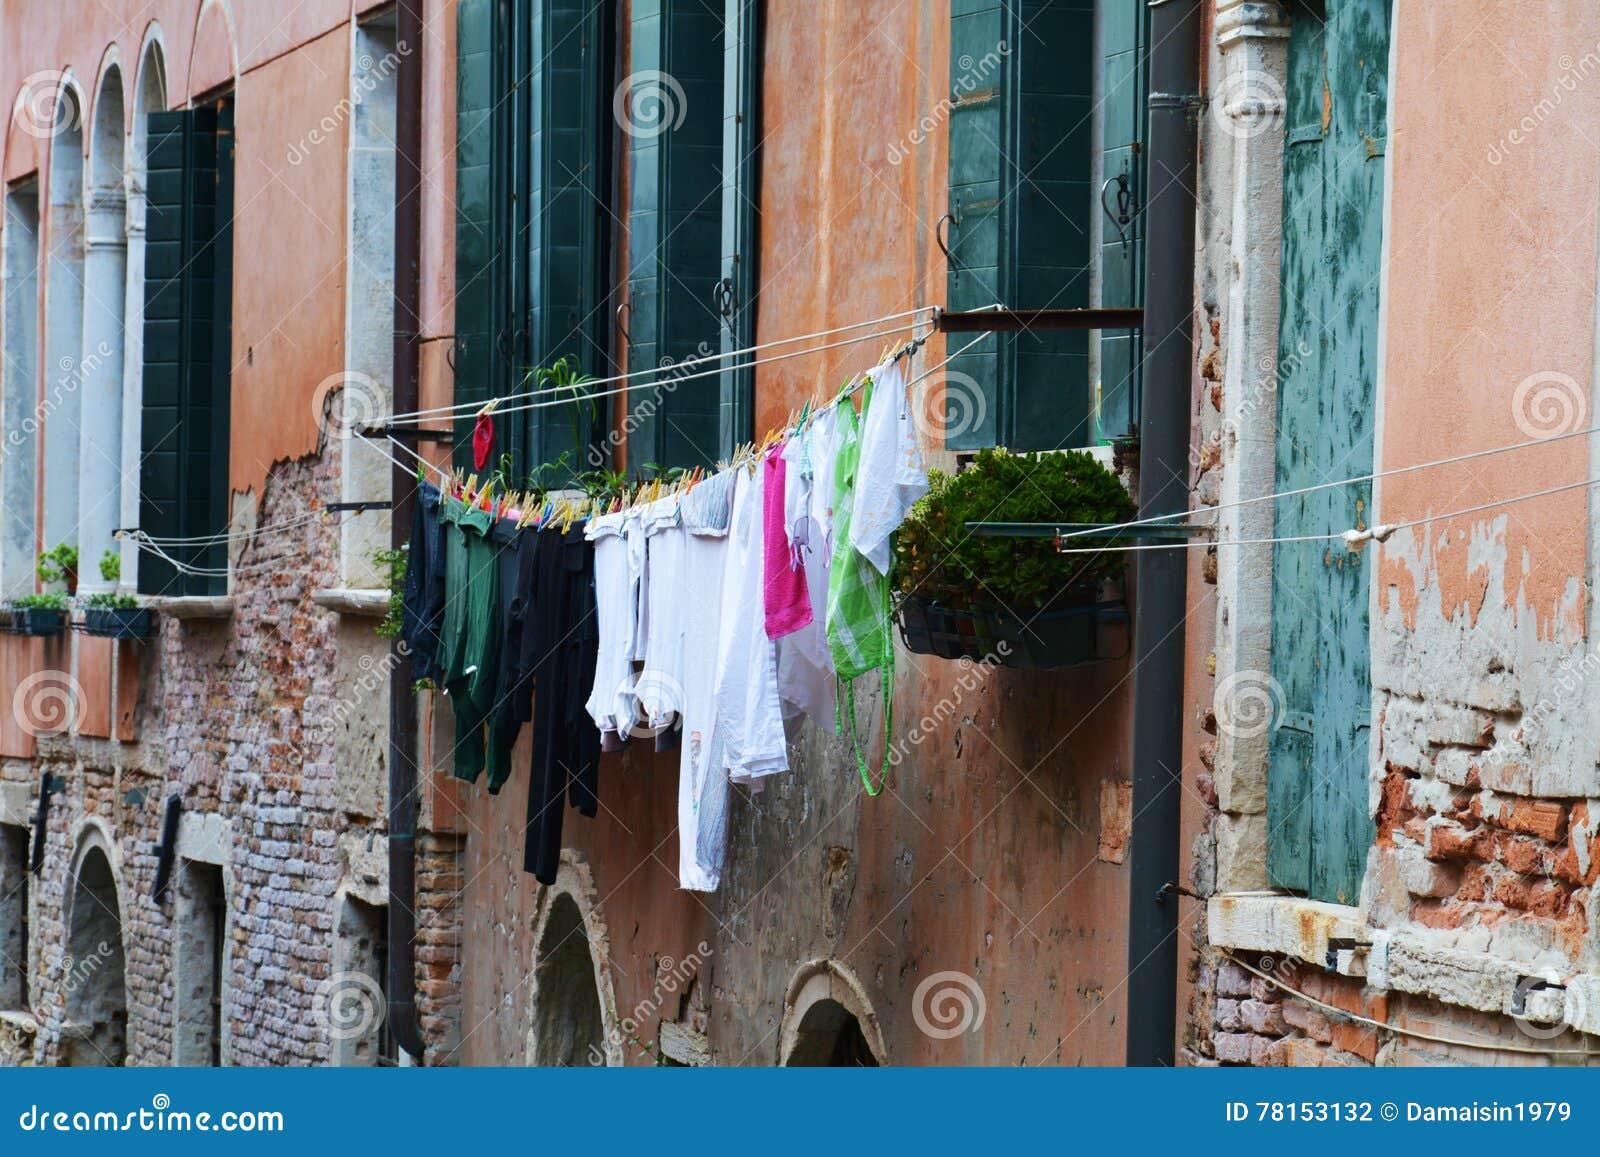 Tägliche Gewohnheiten in Venedig